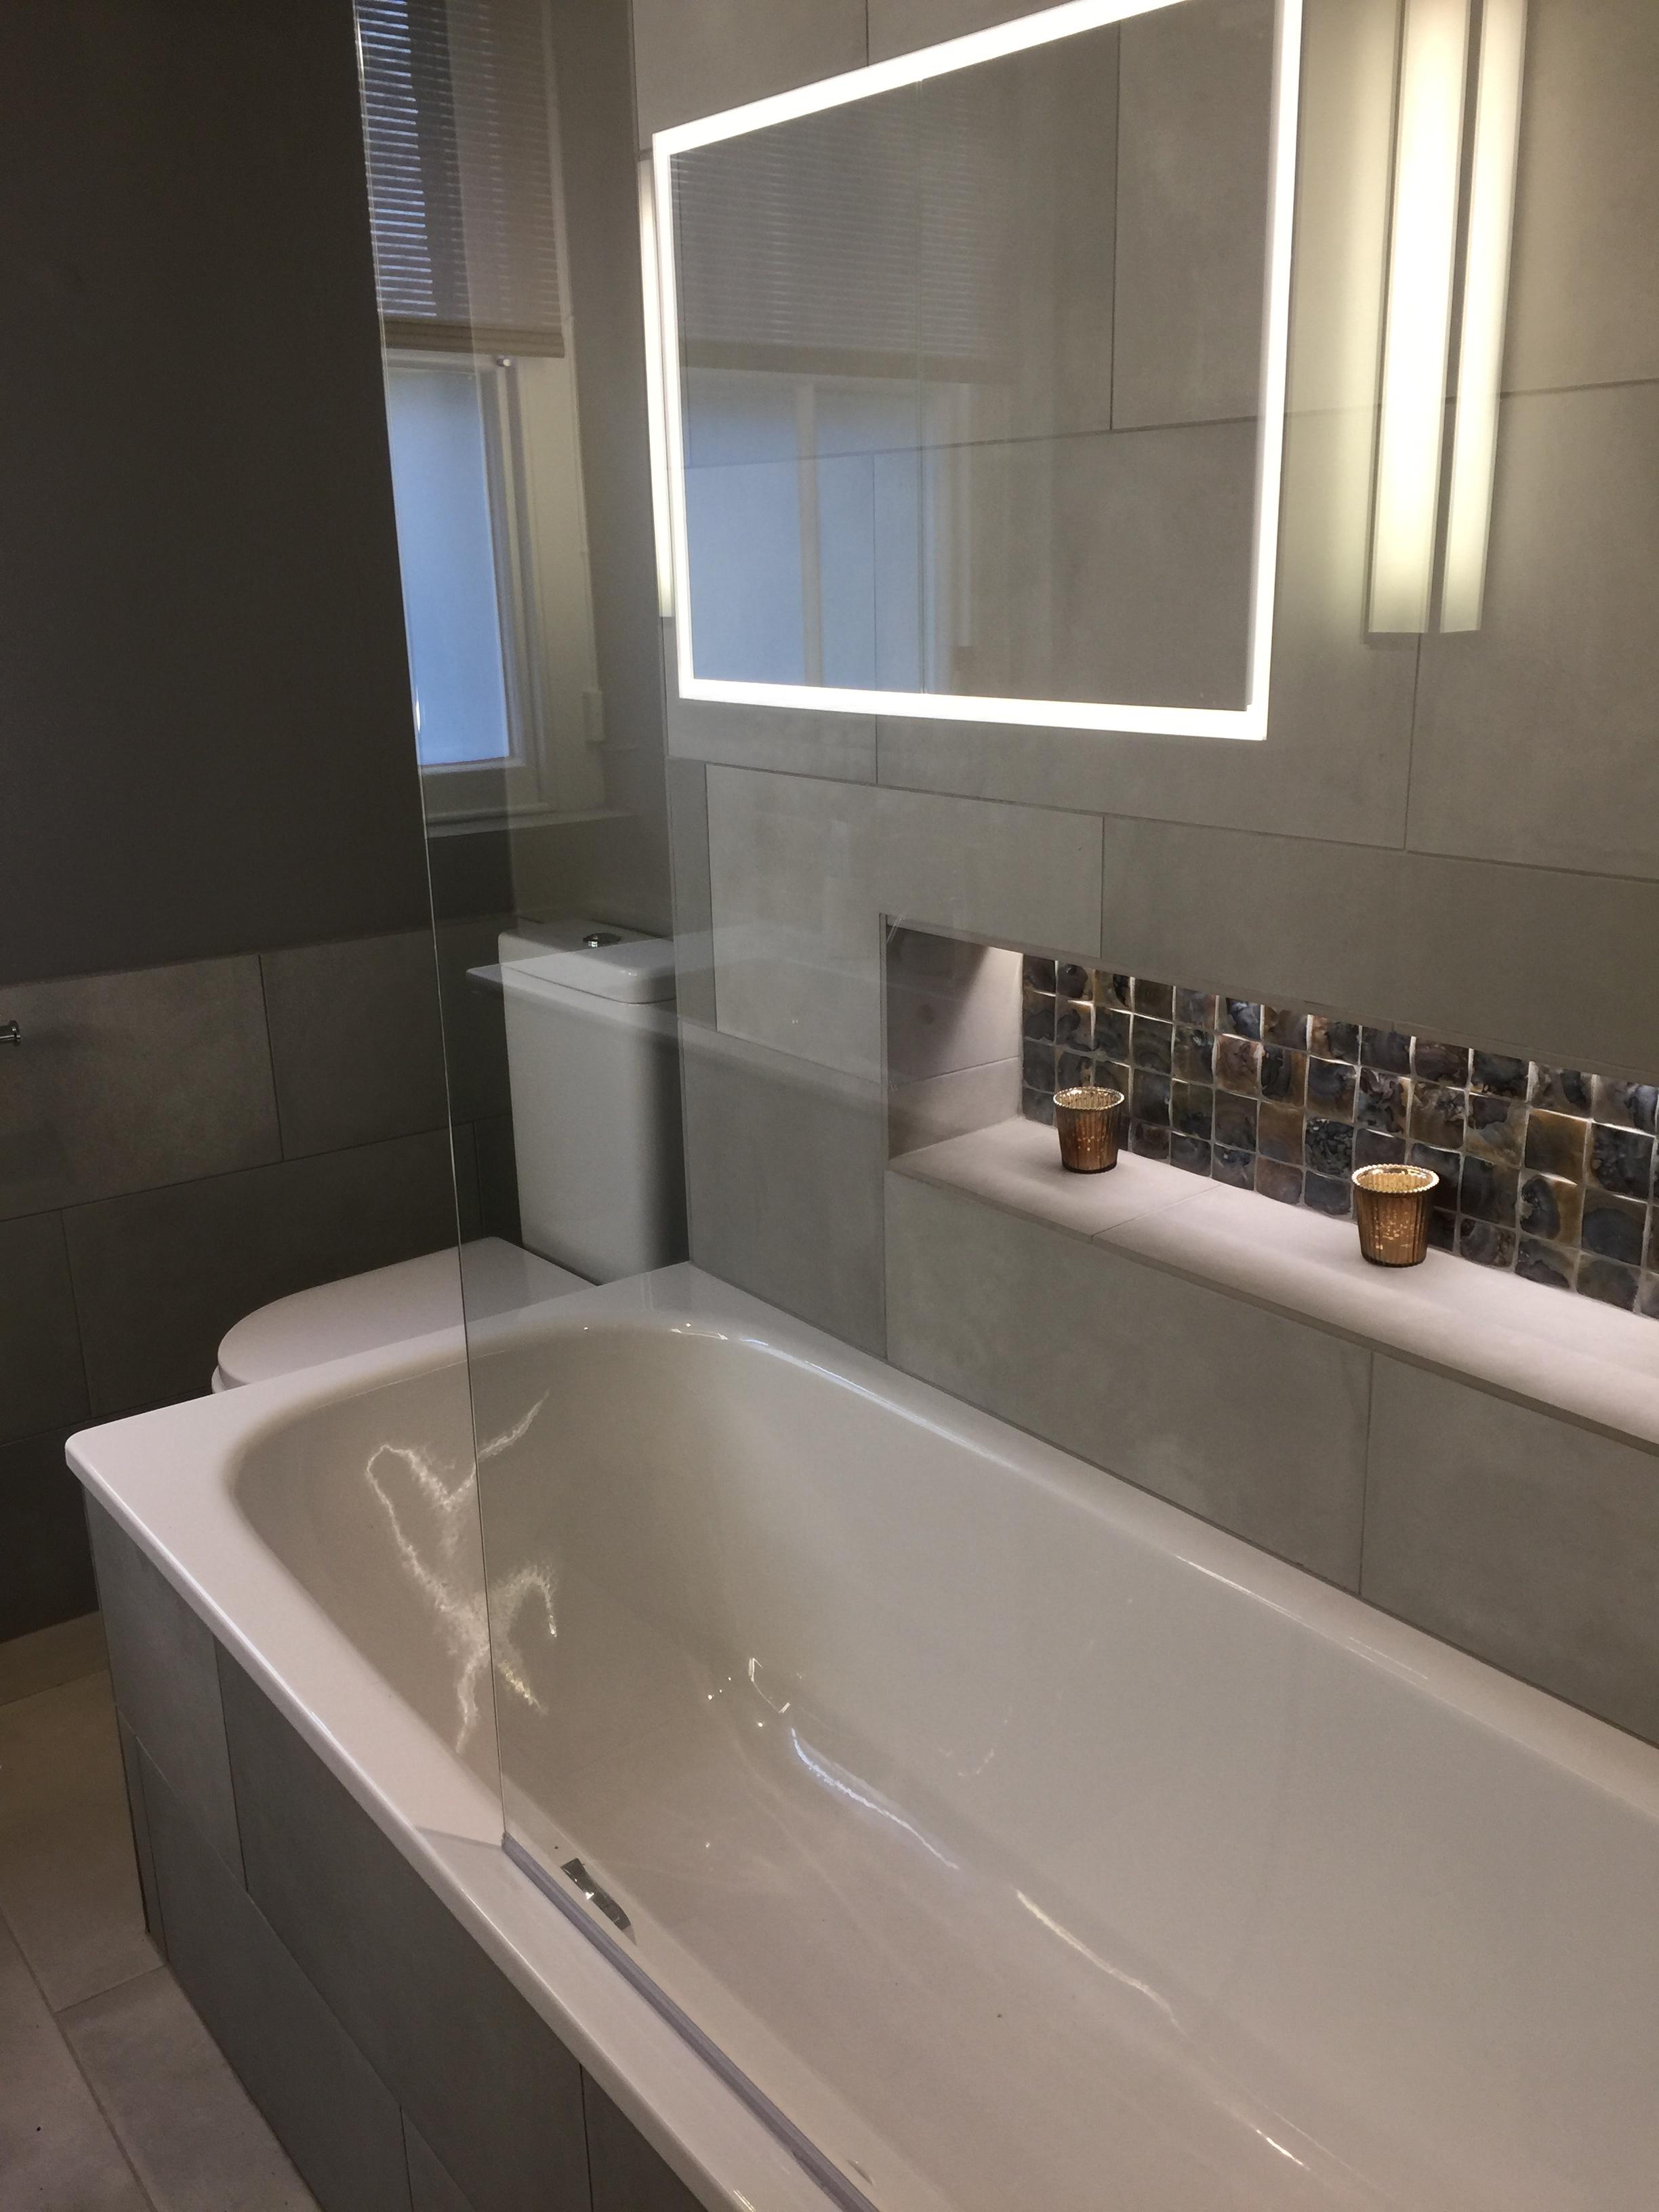 Bathroom  lighting design  Back lit shelves creating a glamorous feel.